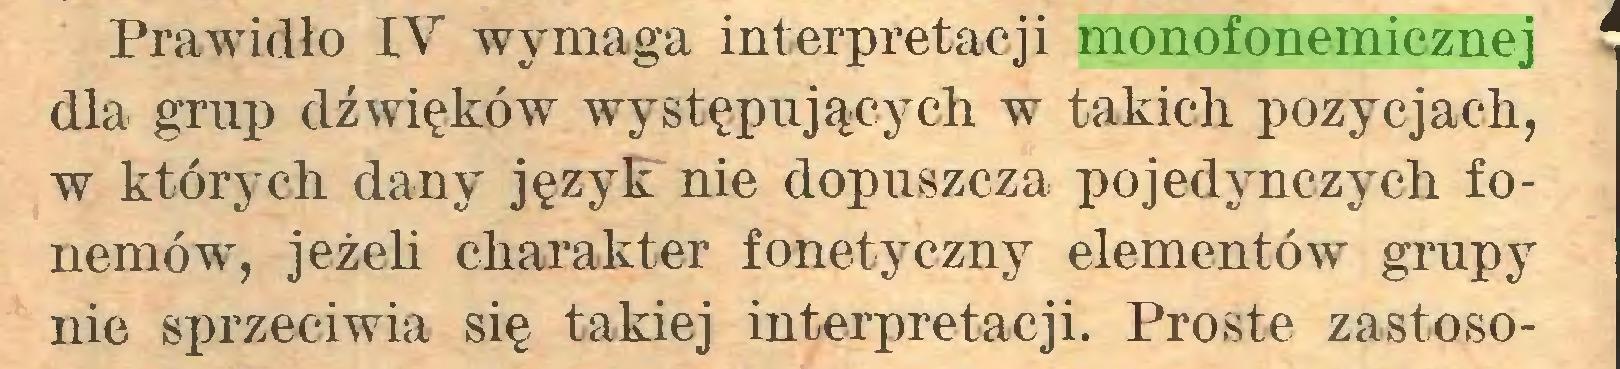 (...) Prawidło IV wymaga interpretacji monofonemicznej * dla grup dźwięków występujących w takich pozycjach, w których dany język nie dopuszcza pojedynczych fonemów, jeżeli charakter fonetyczny elementów grupy nie sprzeciwia się takiej interpretacji. Proste zastoso...